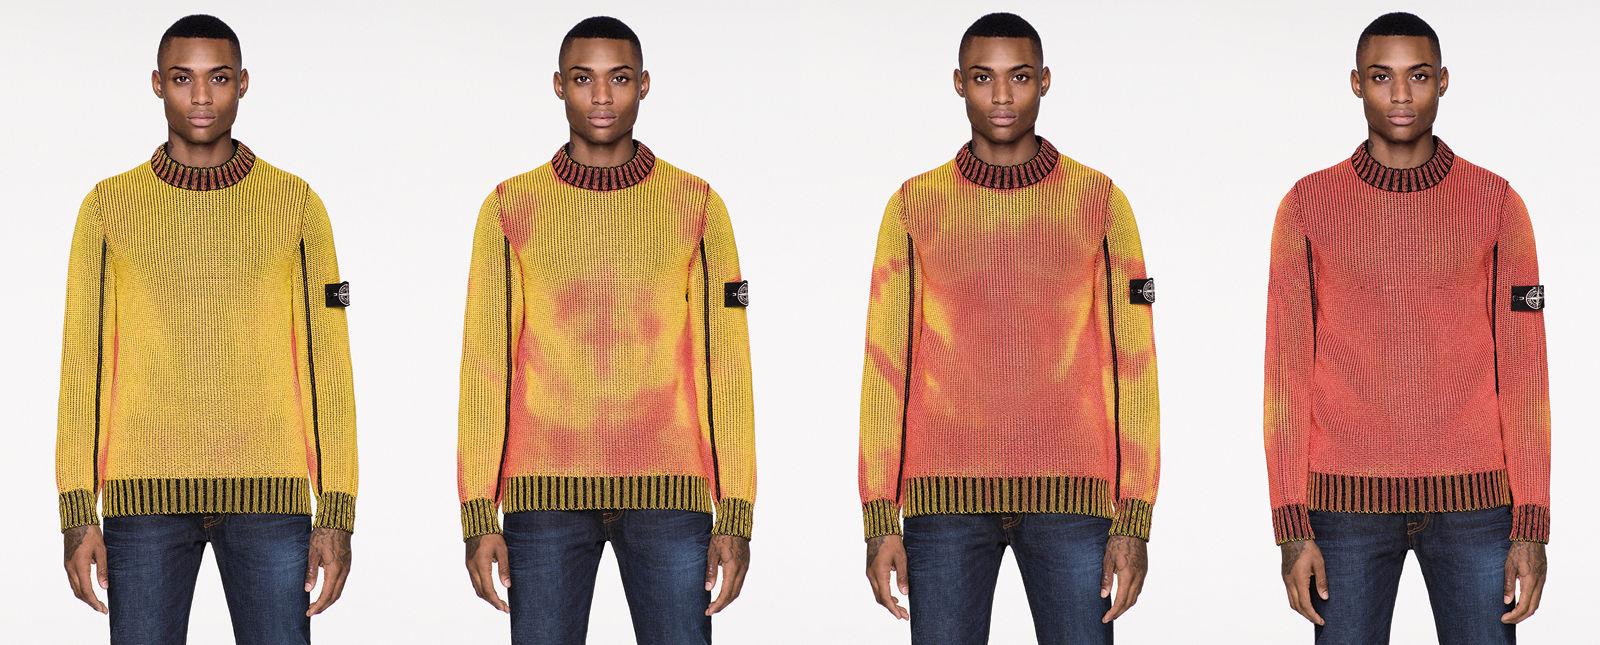 Dapat berubah warna sesuai suhu, harga sweater unik ini bikin melongo